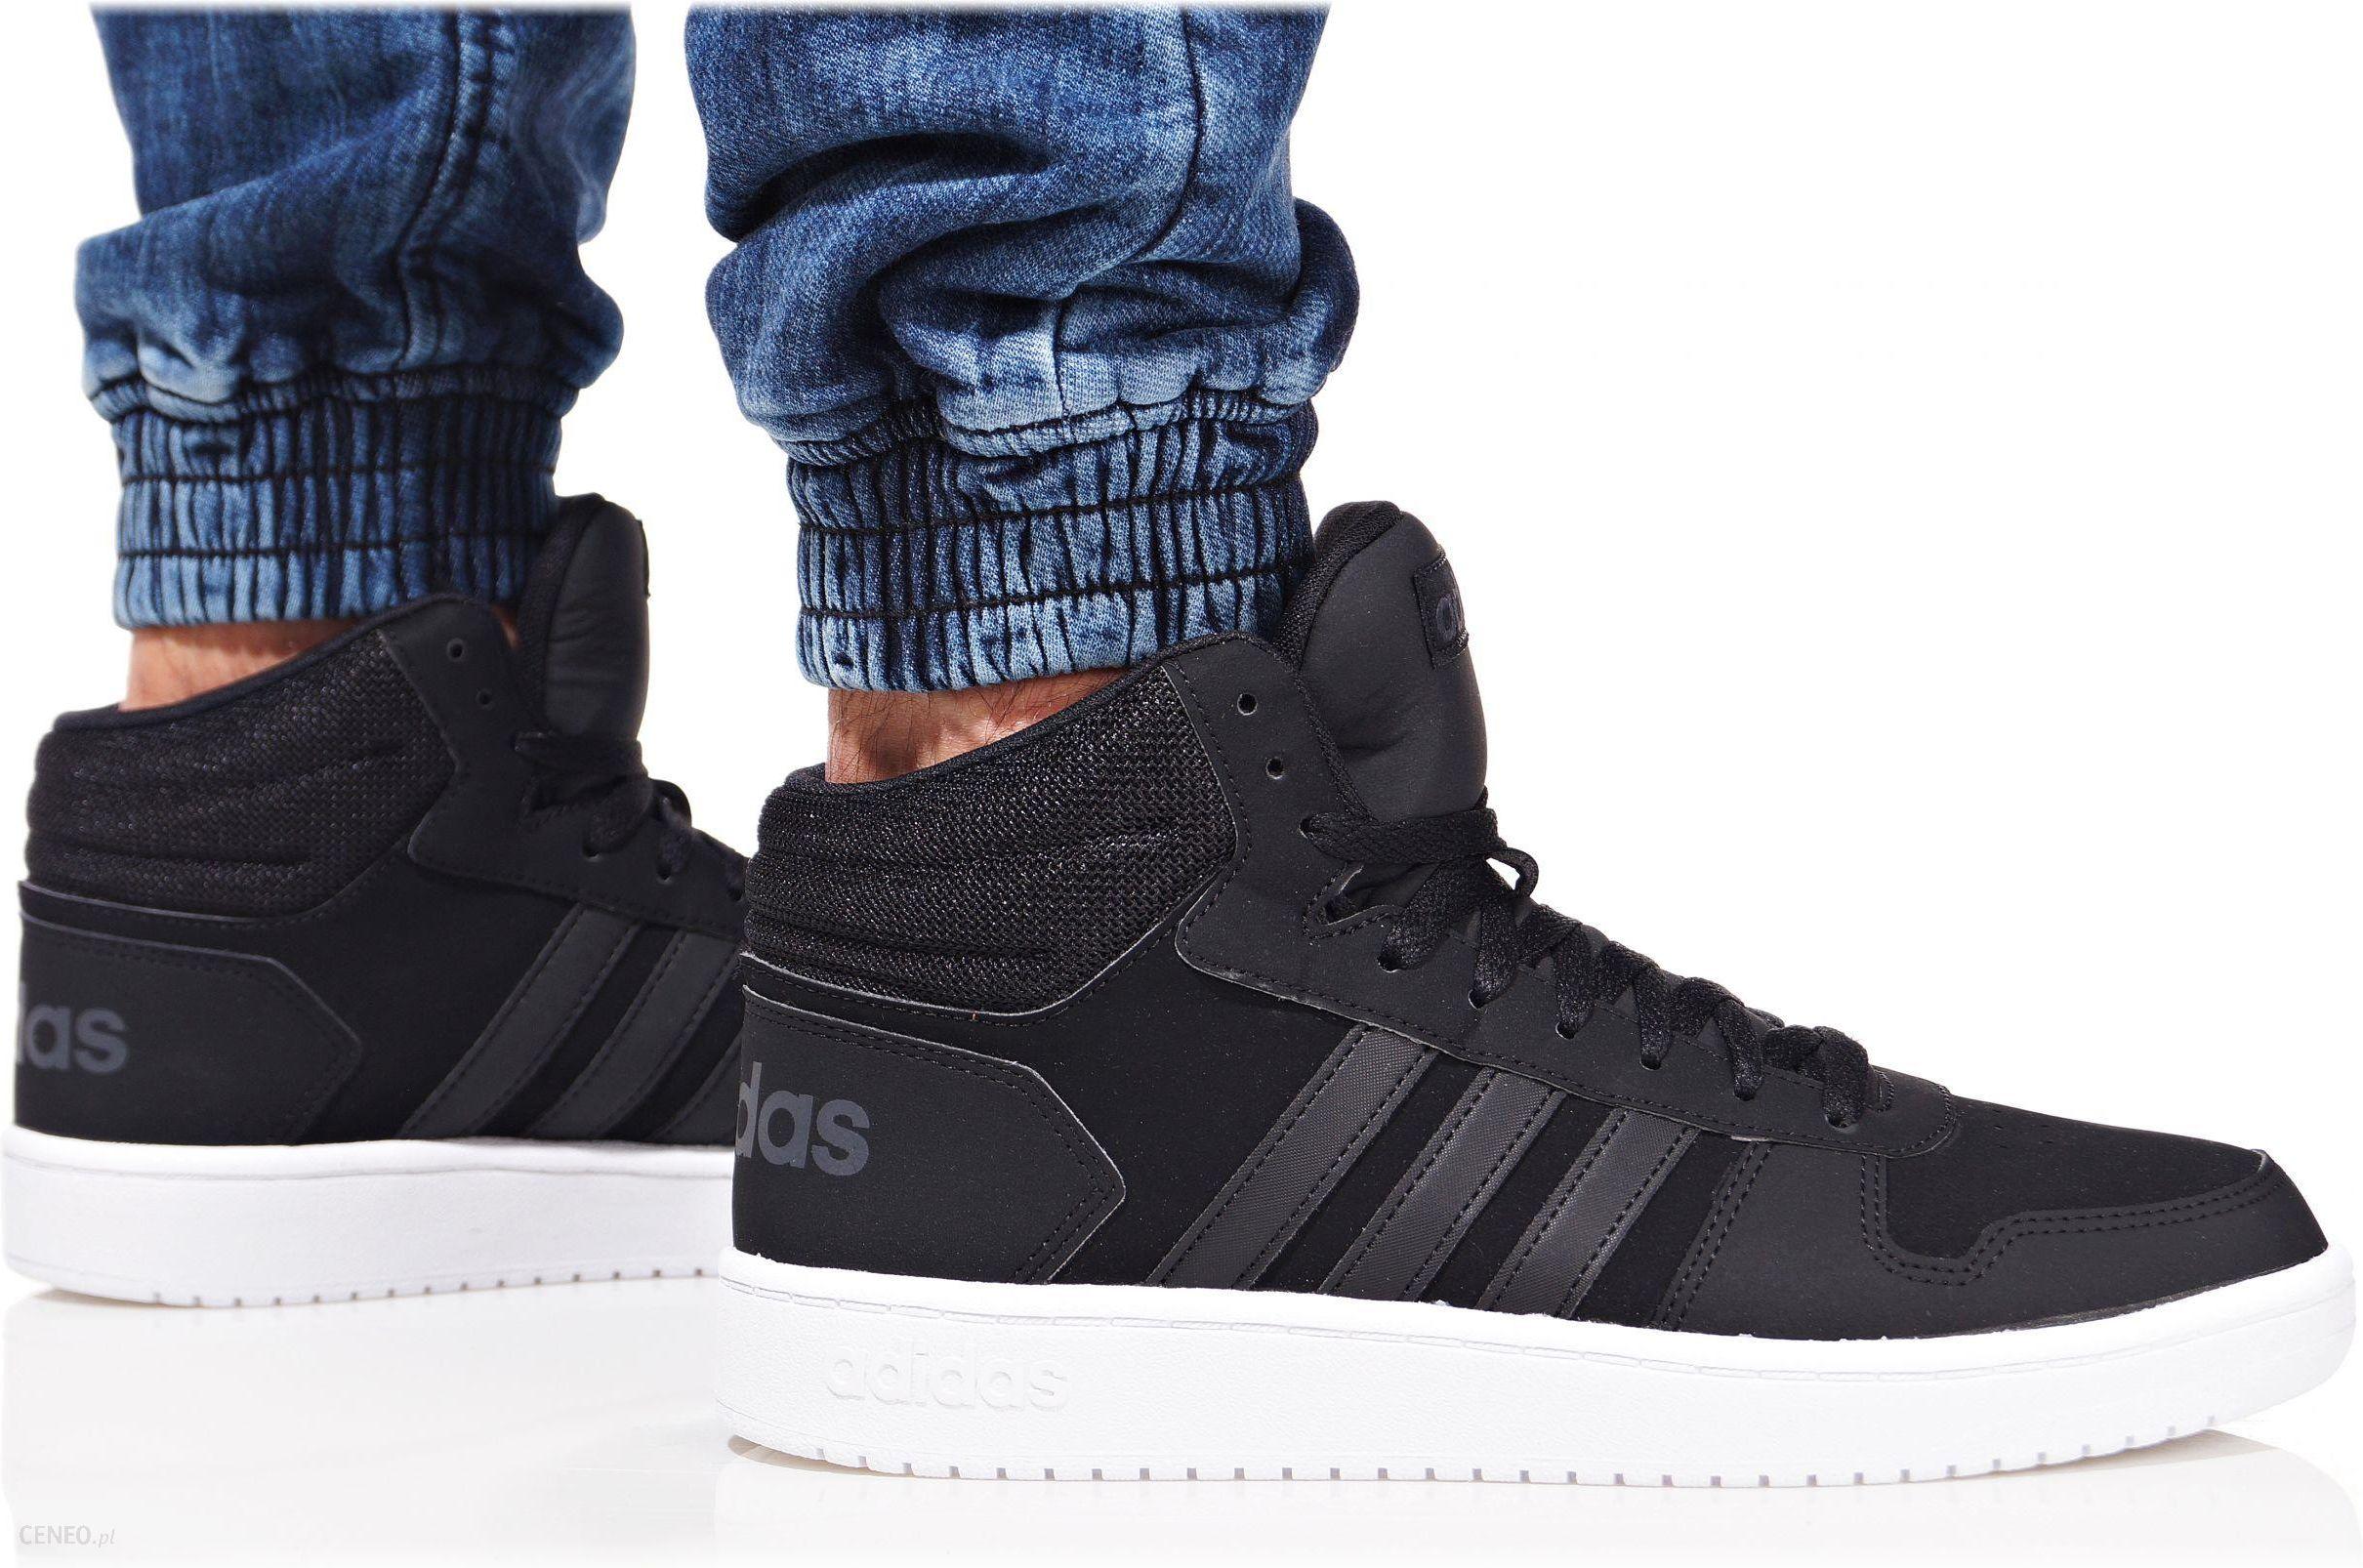 Buty Adidas Męskie Hoops 2.0 MID DB0113 Czarne Ceny i opinie Ceneo.pl